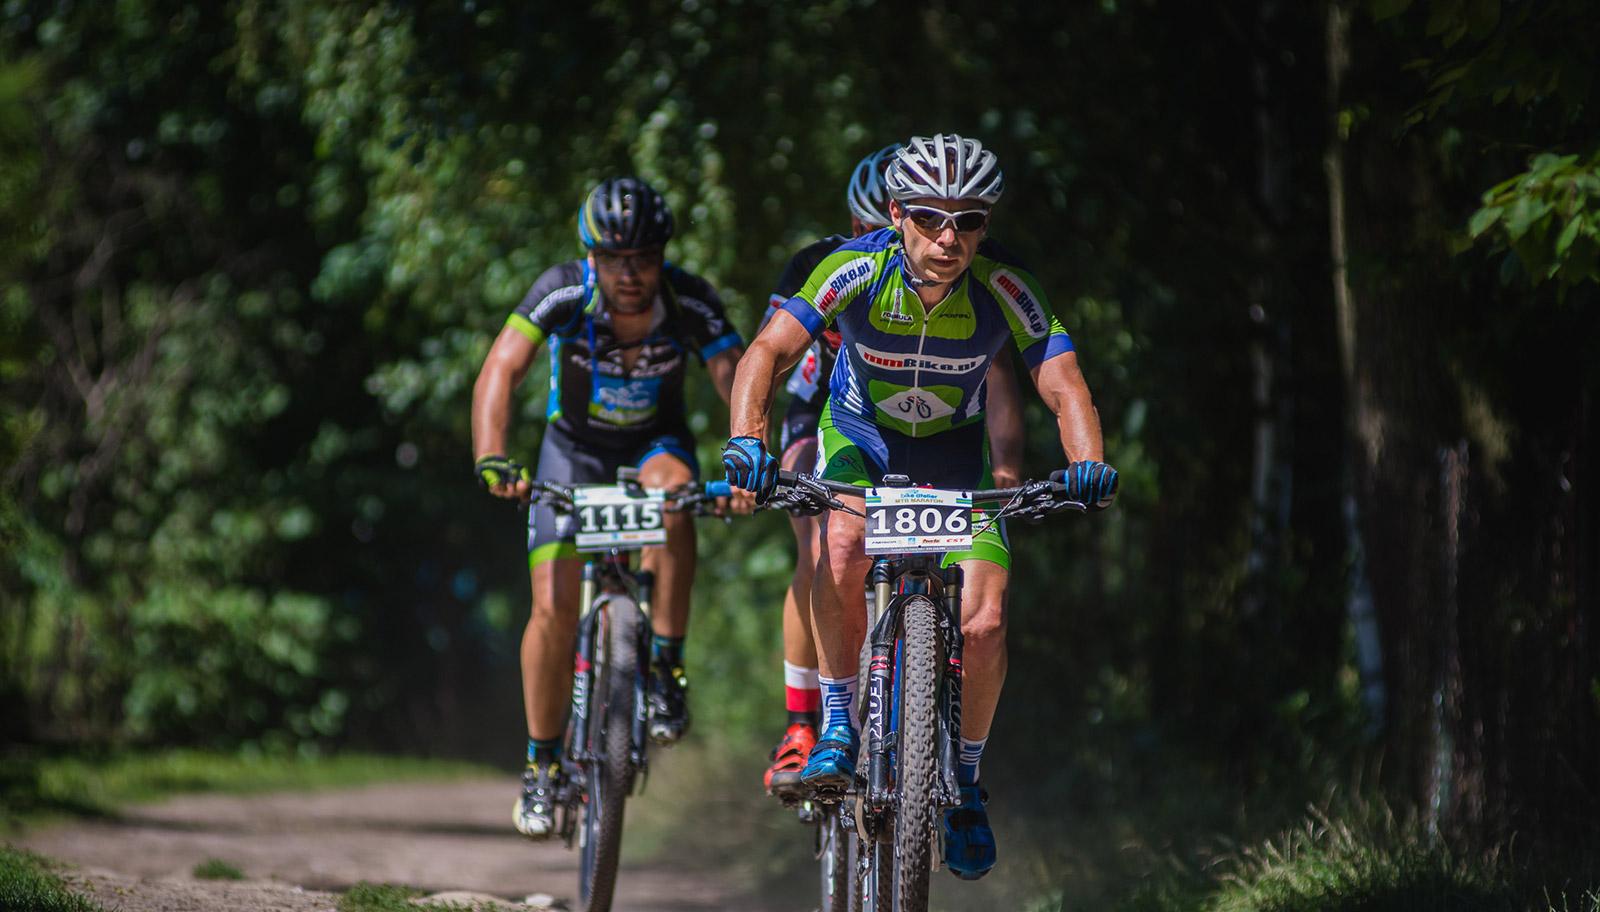 Za nami gorący Bike Atelier MTB Maraton w Jastrzębiu-Zdroju